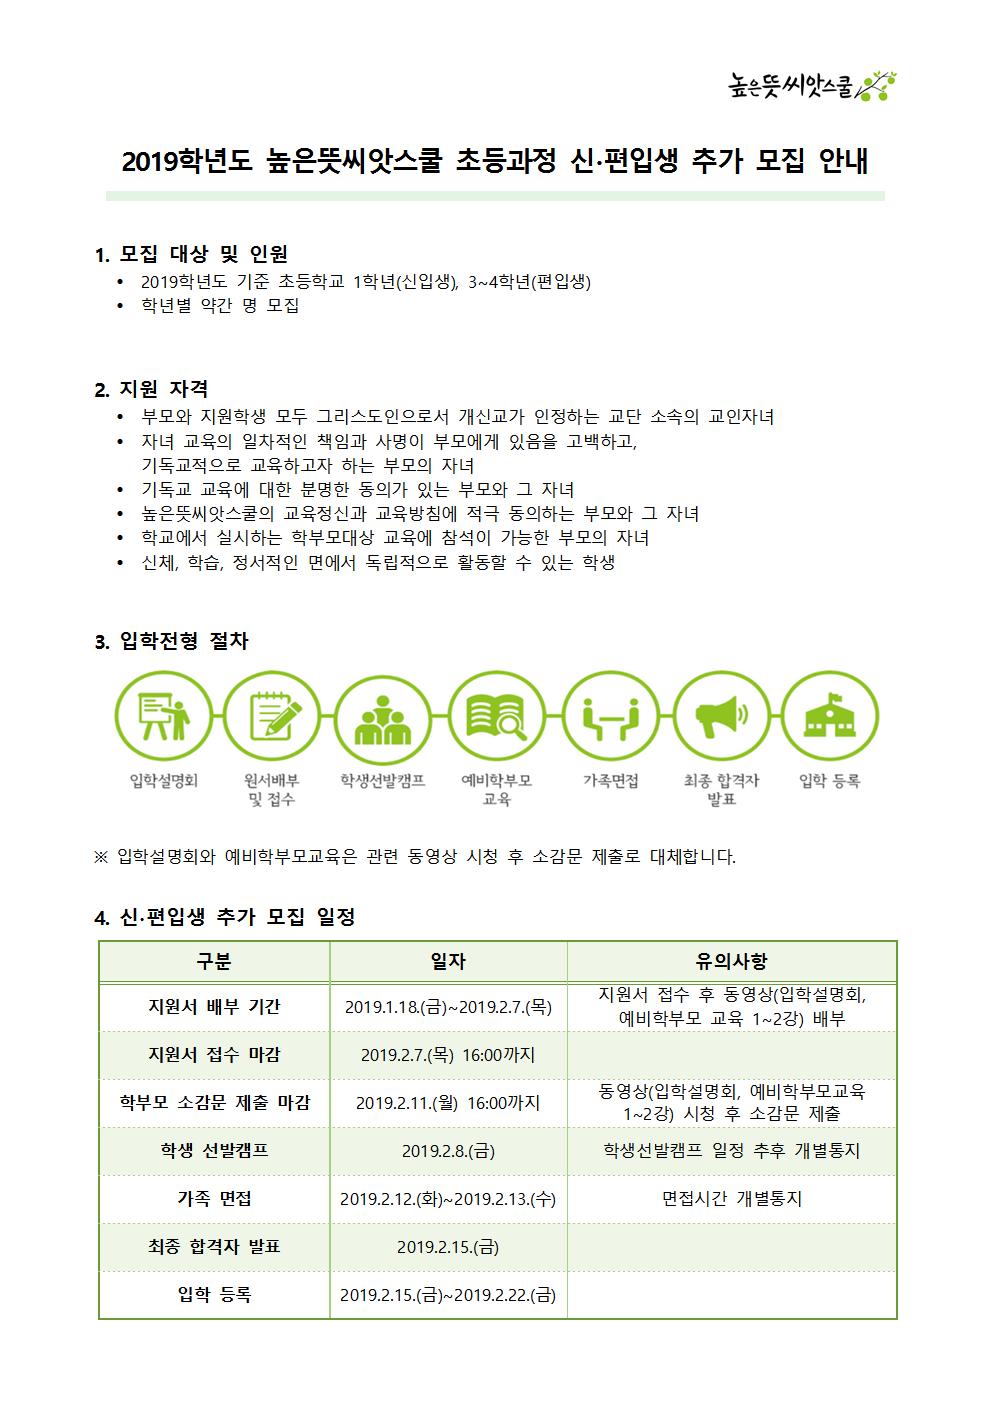 2019학년도 높은뜻씨앗스쿨 초등과정 신편입생 추가 모집 안내(190101)001.png